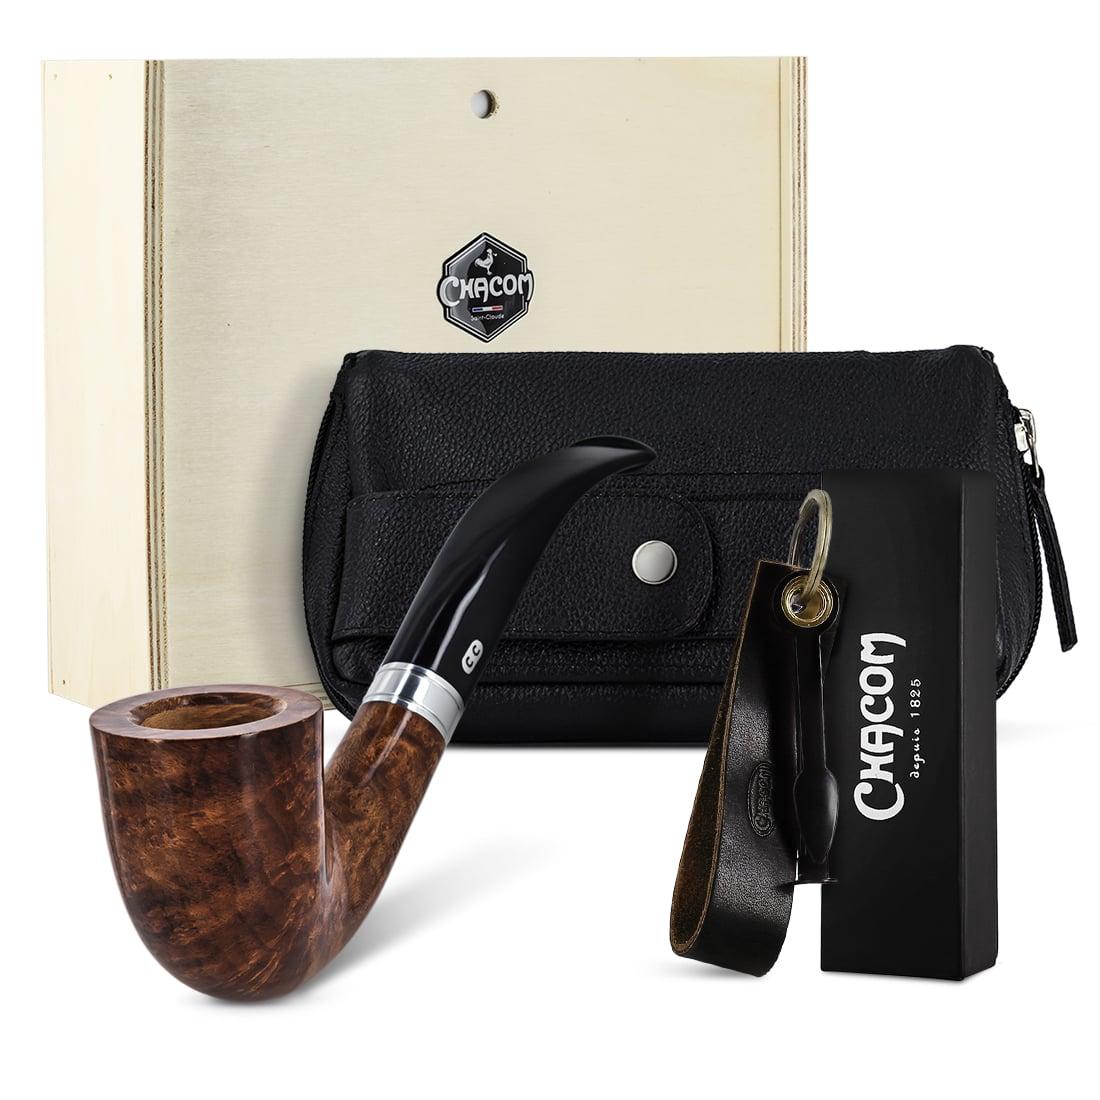 Photo de Coffret Pipe Chacom Premium Set Courbe Complet